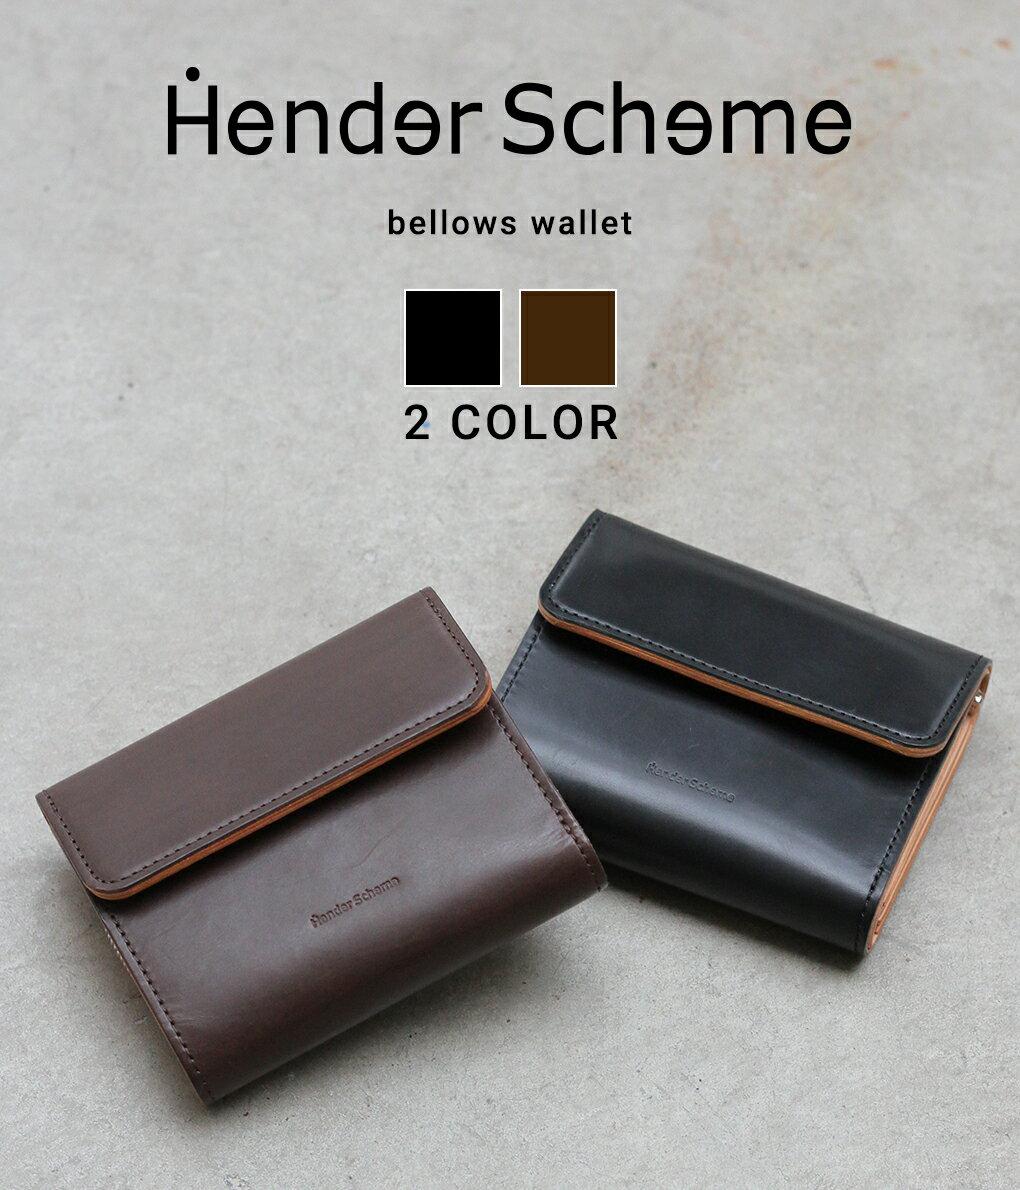 財布・ケース, メンズ財布 Hender Scheme bellows wallet 2 di-rc-blw RIPANNBJB